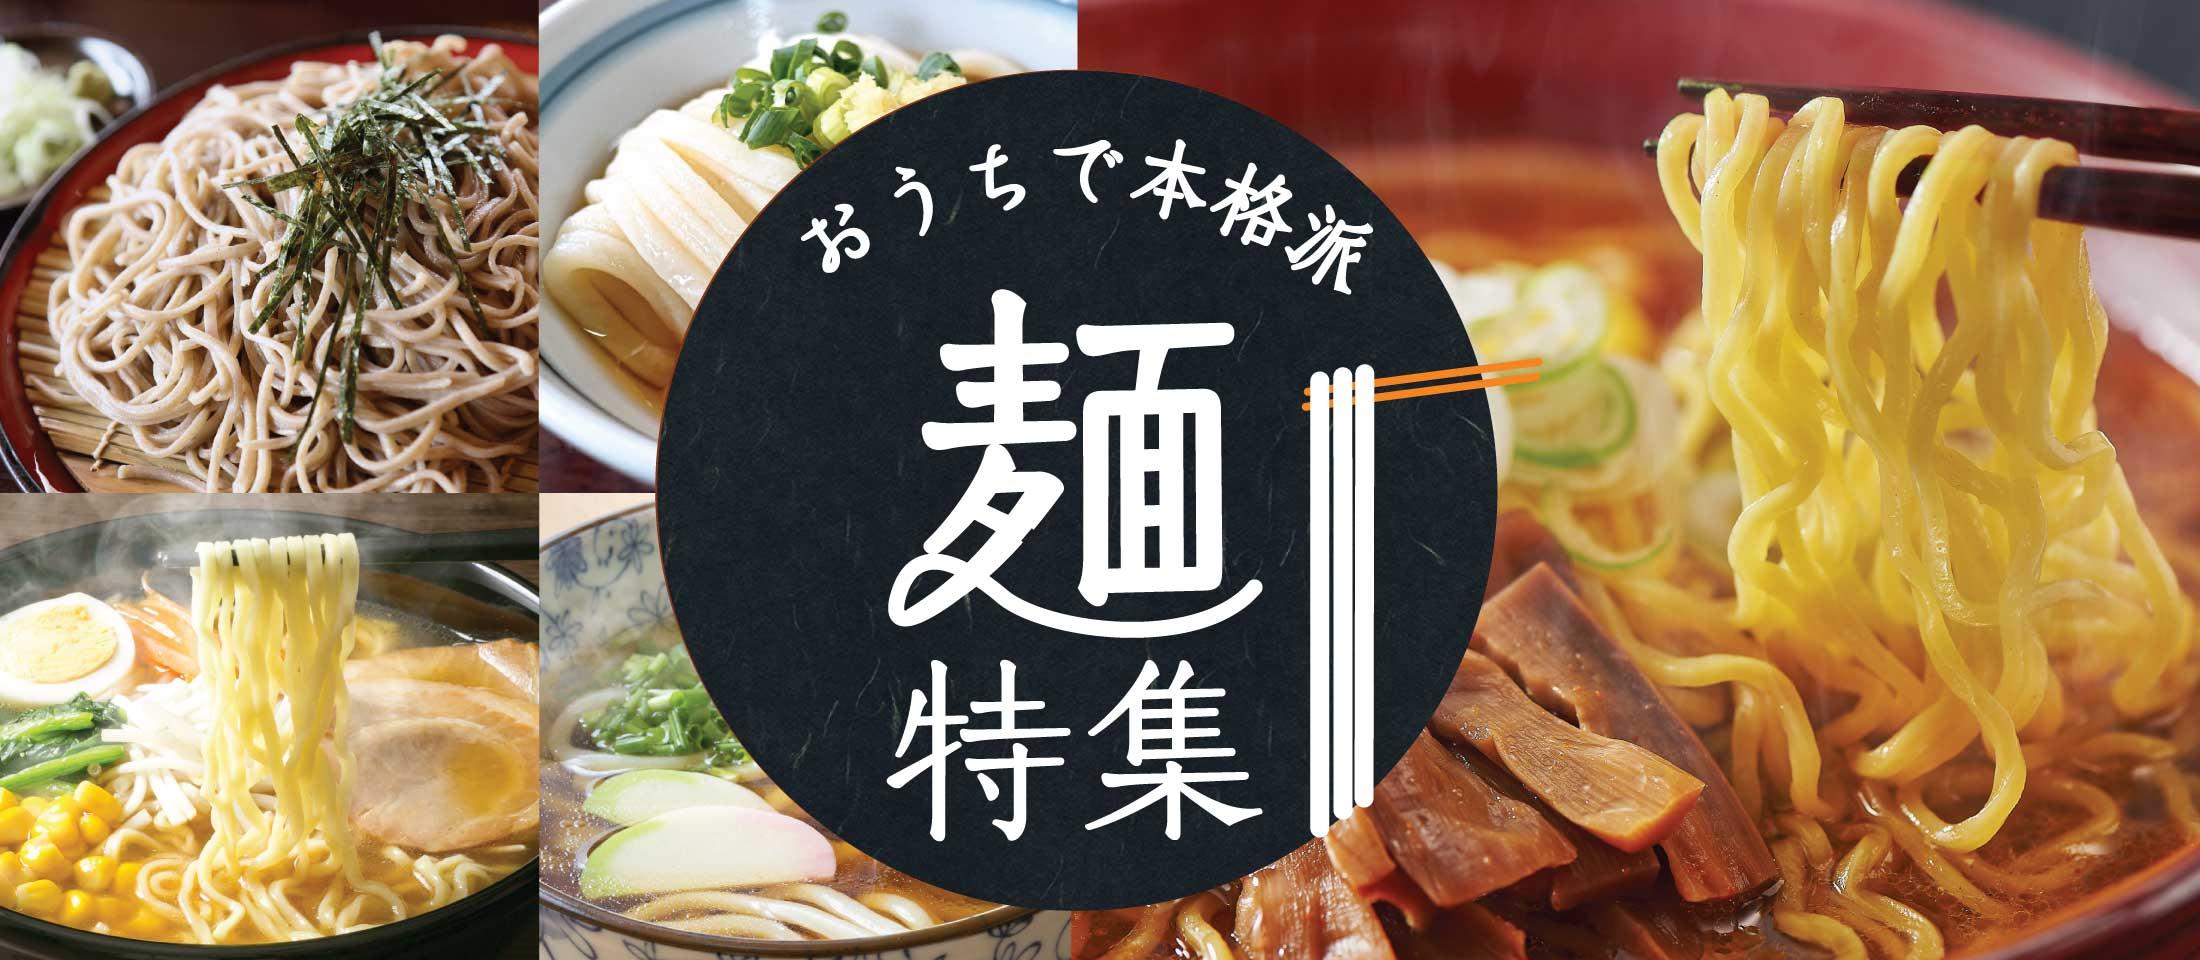 本格麺がいつでもお手軽!冷凍麺特集11選 業務用食品・冷凍食品通販 ナカヤマフーズオンライン